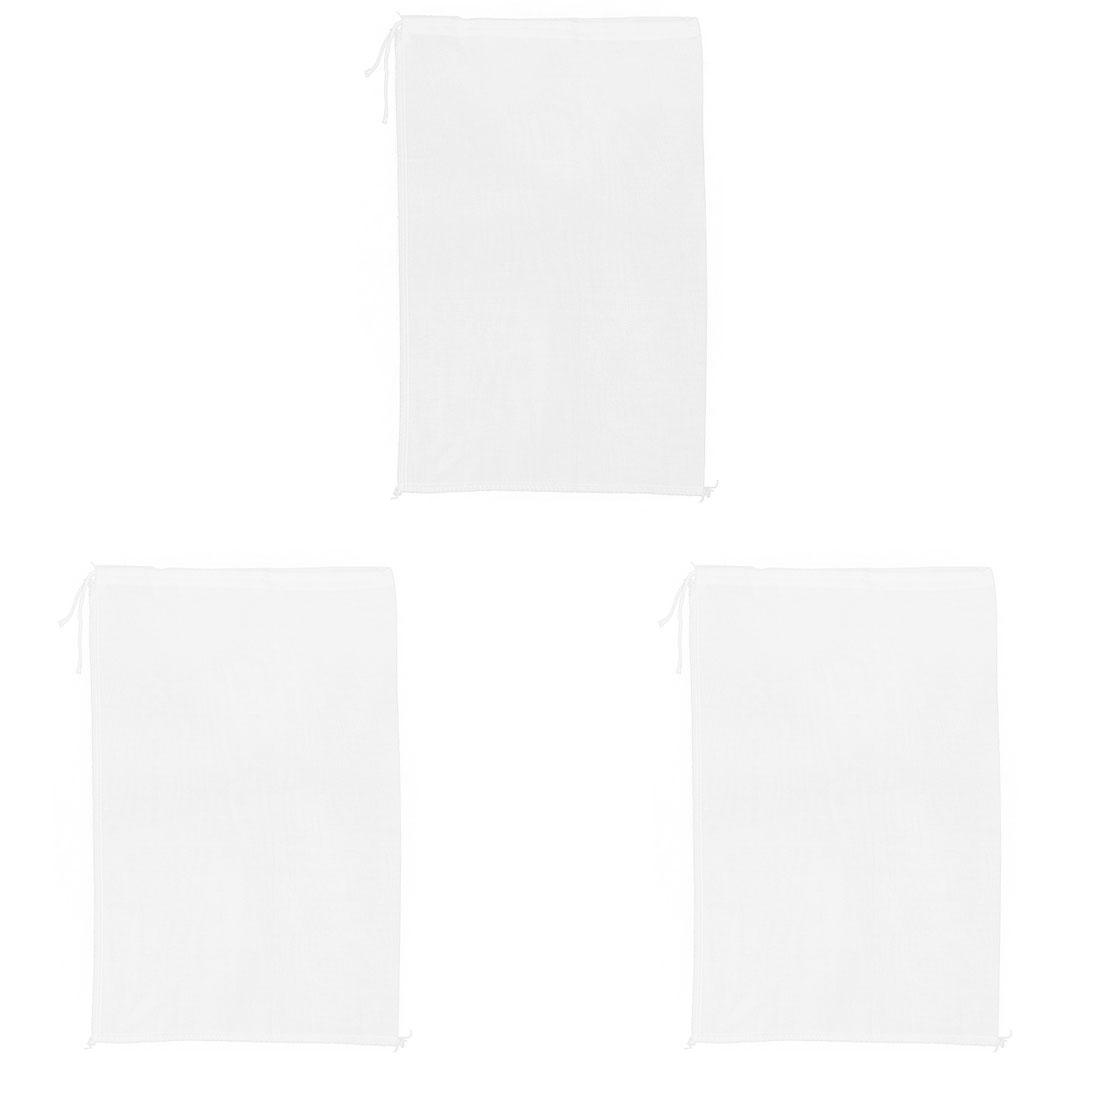 3pcs Cotton Blends Food Mesh Strainer Soup Drainer Filter Bags 43cm x 29cm